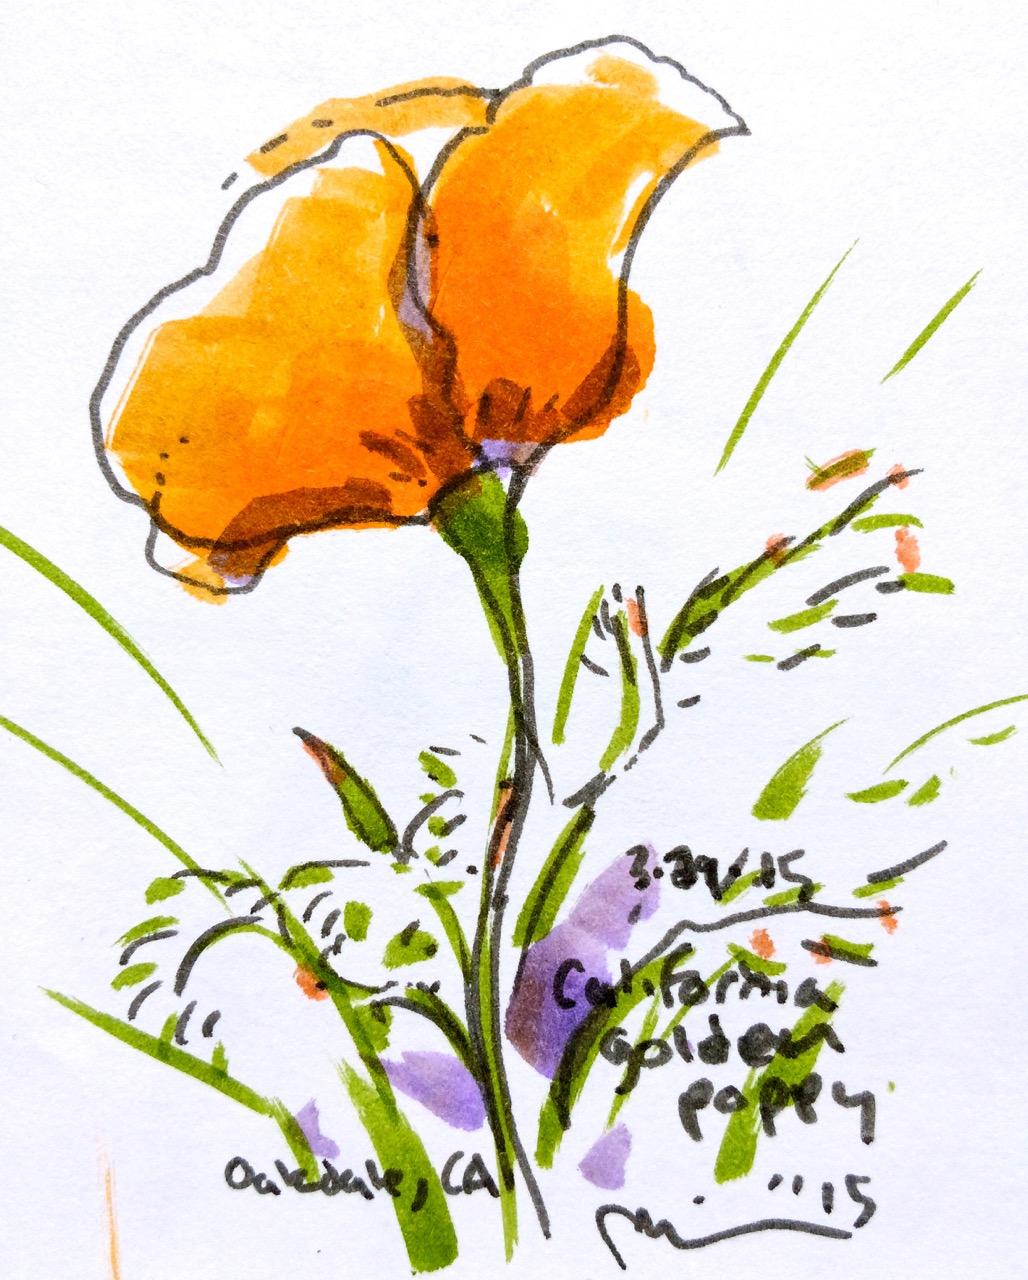 Oakdale flowers2.jpg